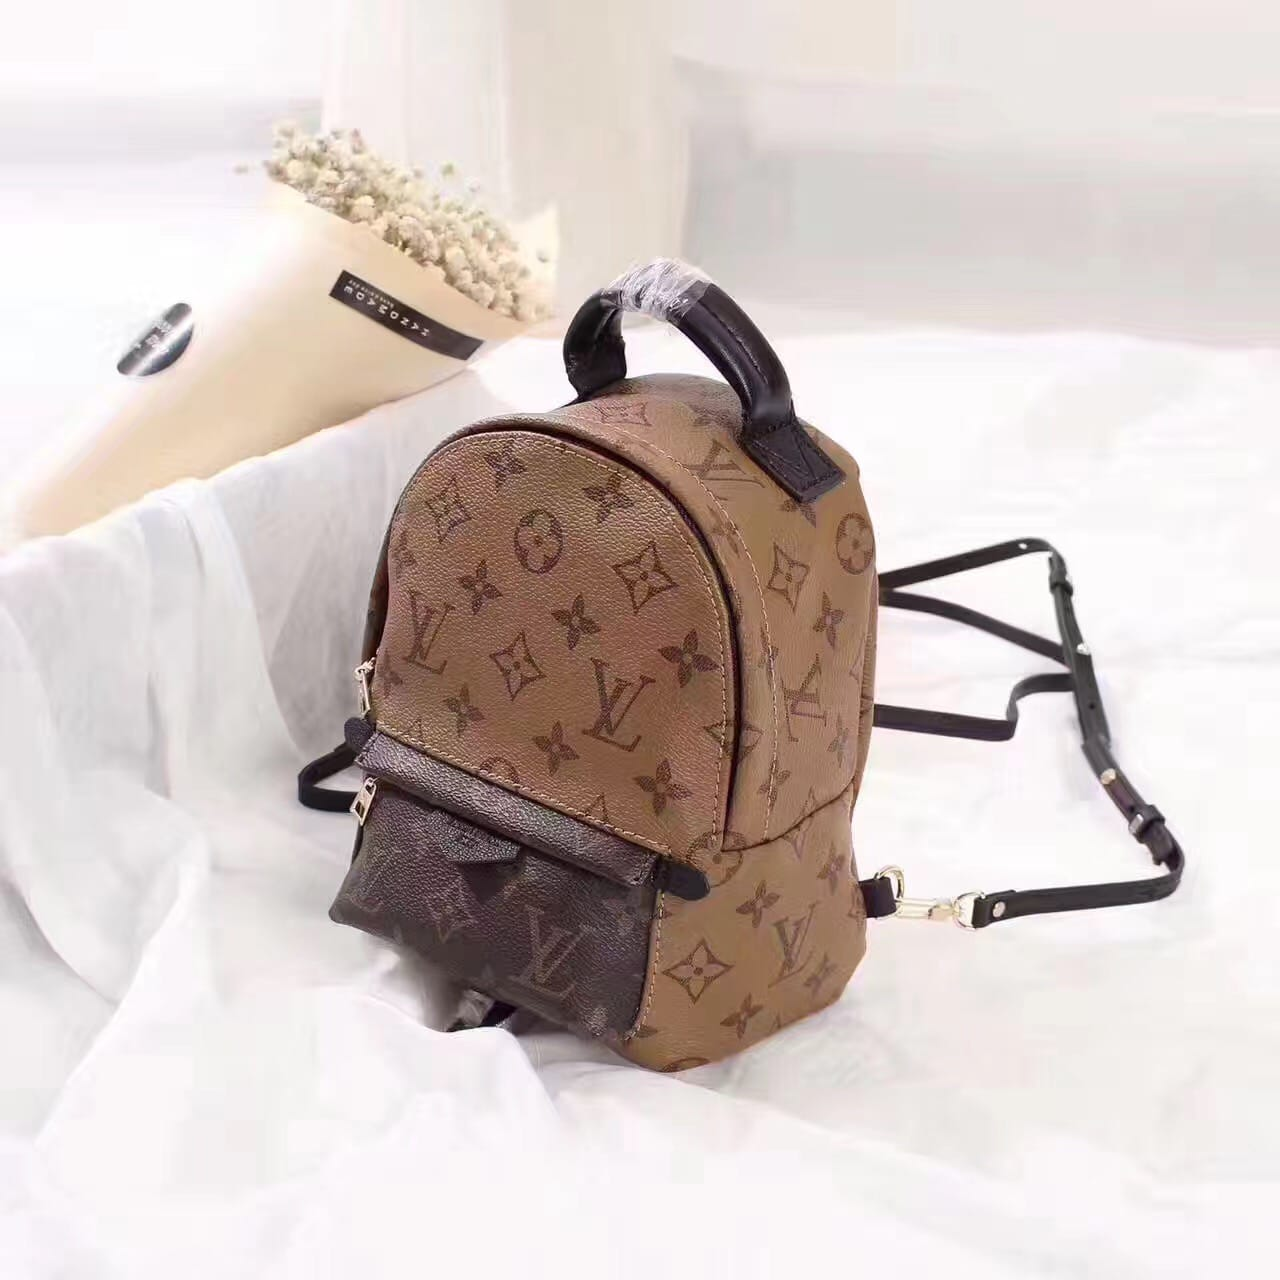 Mochila Louis Vuitton Palm Springs